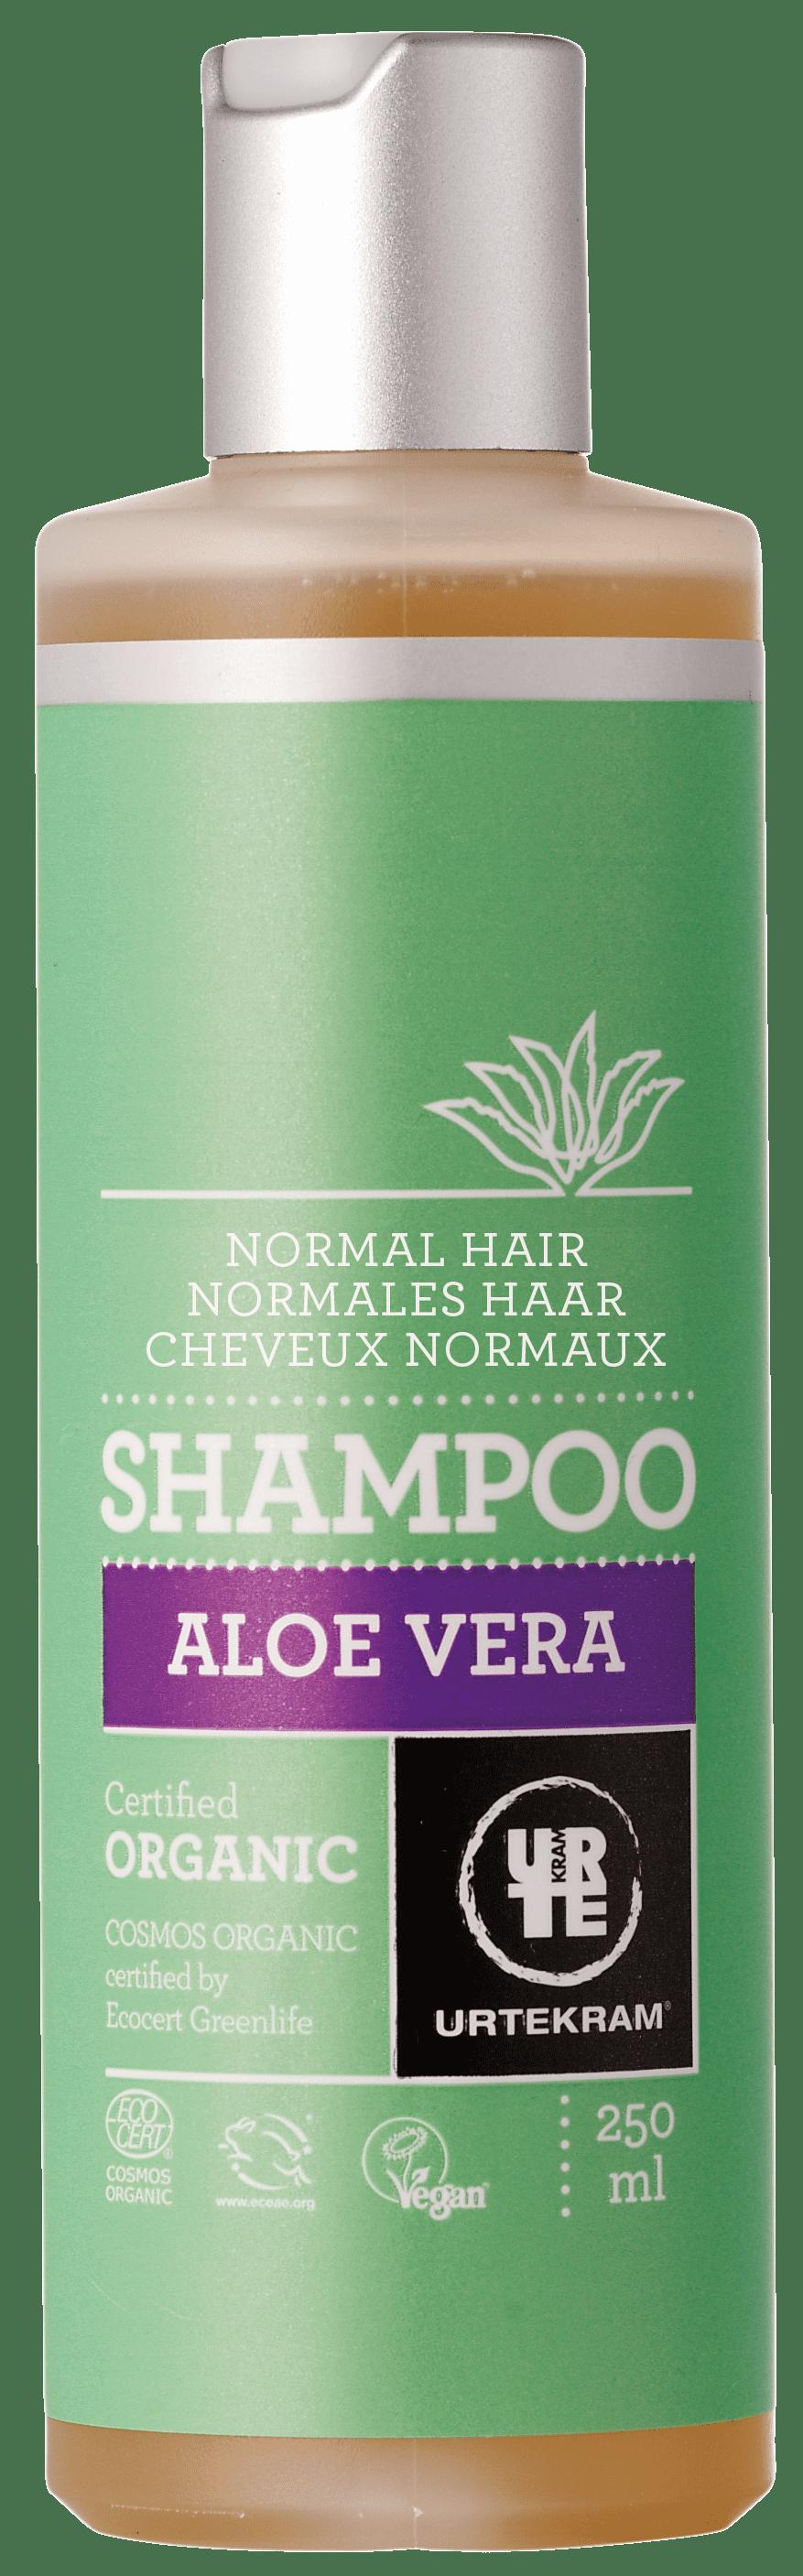 Urtekram Органічний шампунь. Алоє Вера. 250мл. Для нормального волосся - купить в интернет-магазине Юнимед